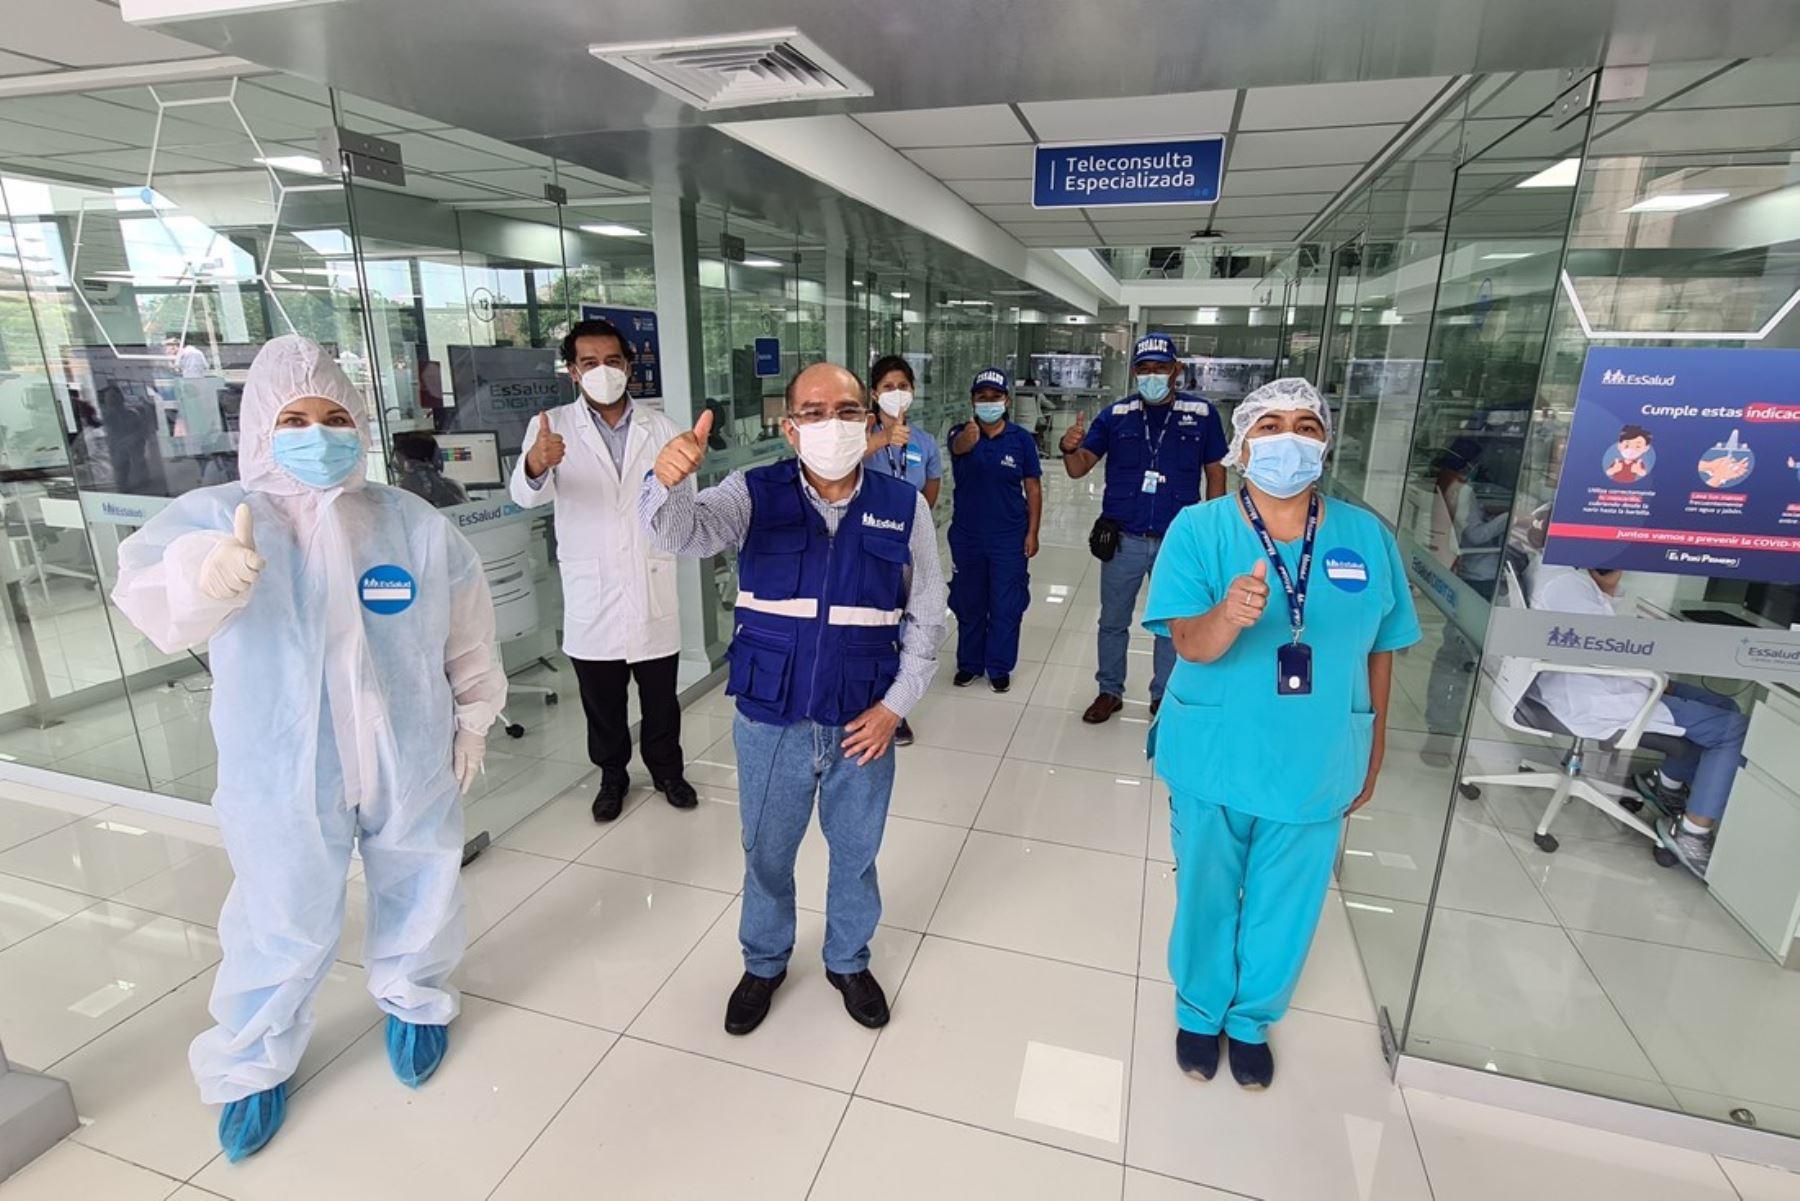 EsSalud contratará a 4,000 profesionales de la salud para fortalecer atención covid-19. Foto: ANDINA/Difusión.